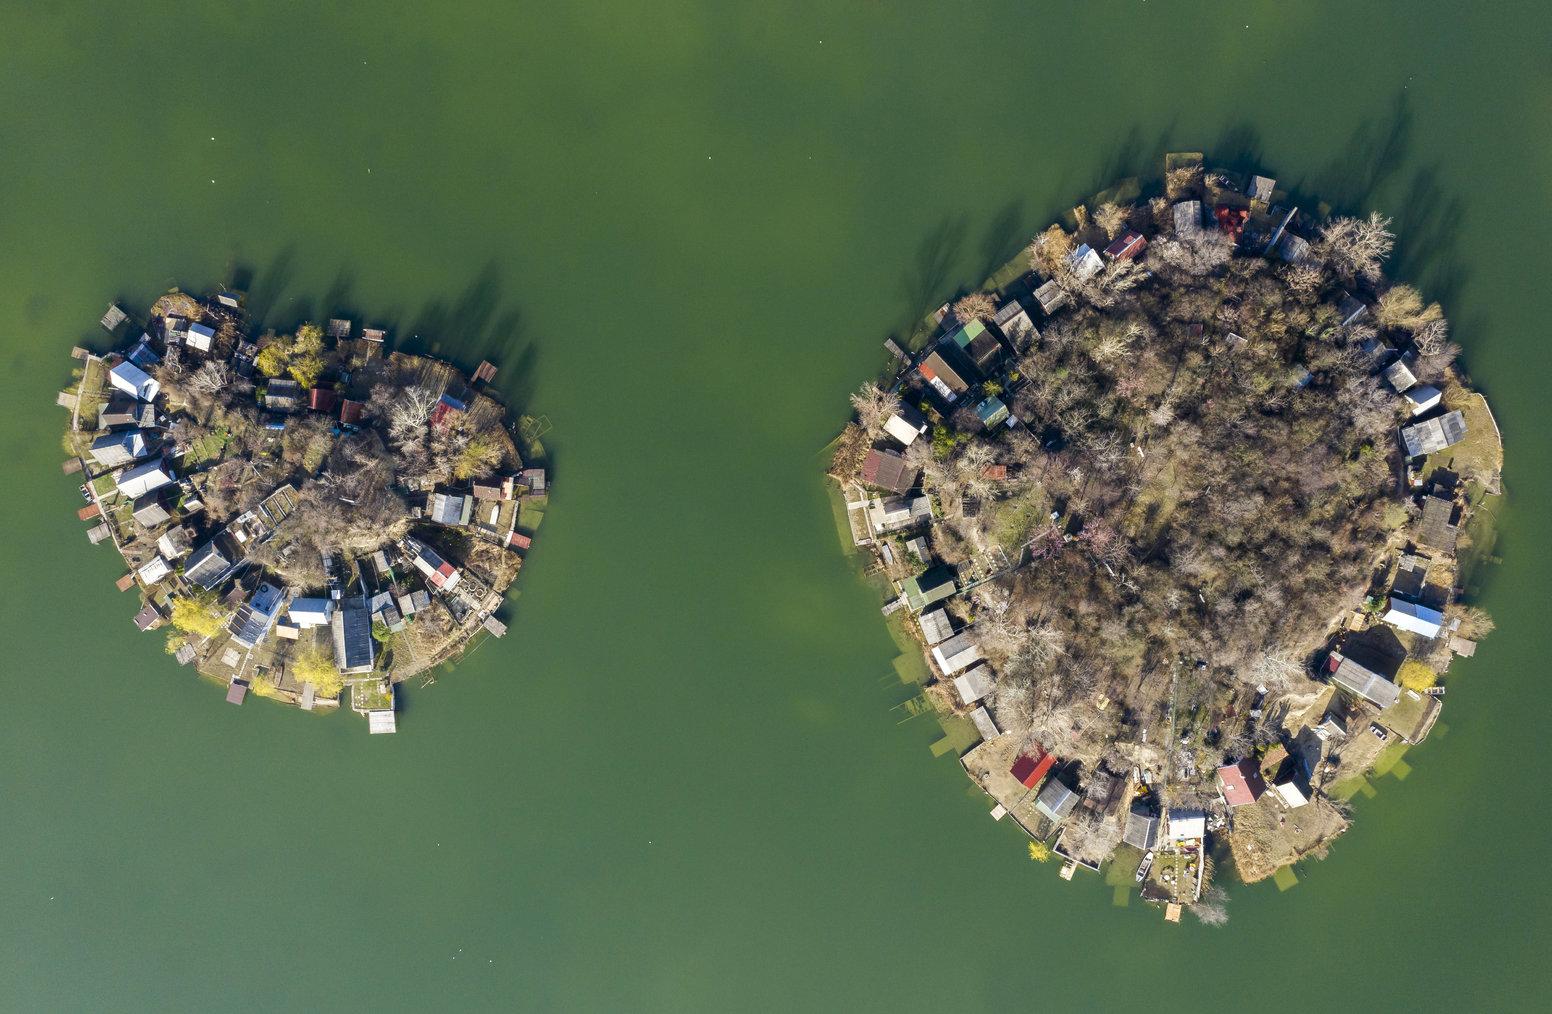 Szigetszentmiklós, 2019. március 17. Bányató Szigetszentmiklós közelében 2019. március 17-én. Az ENSZ március 22-ét nyilvánította a víz világnapjává, amelynek célja a környezet és ezen belül a Föld vízkészletének védelme. MTI/Mohai Balázs